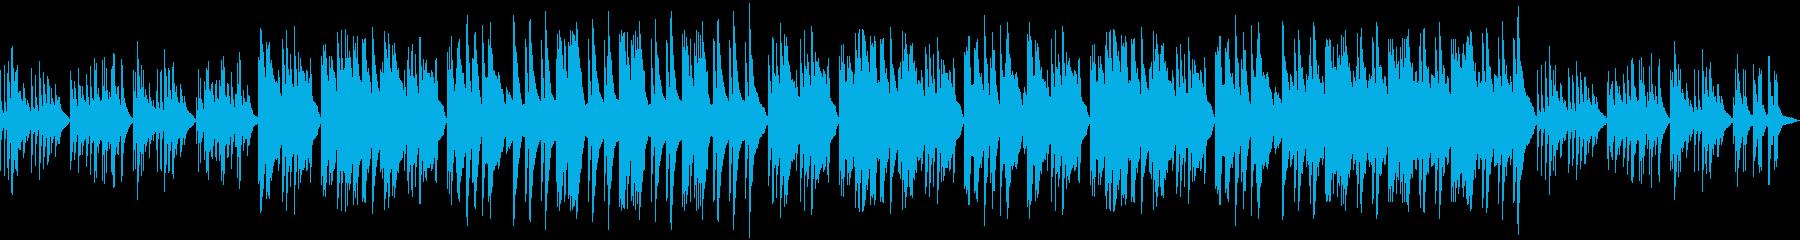 悲しくて切ないピアノソロのバラードの再生済みの波形